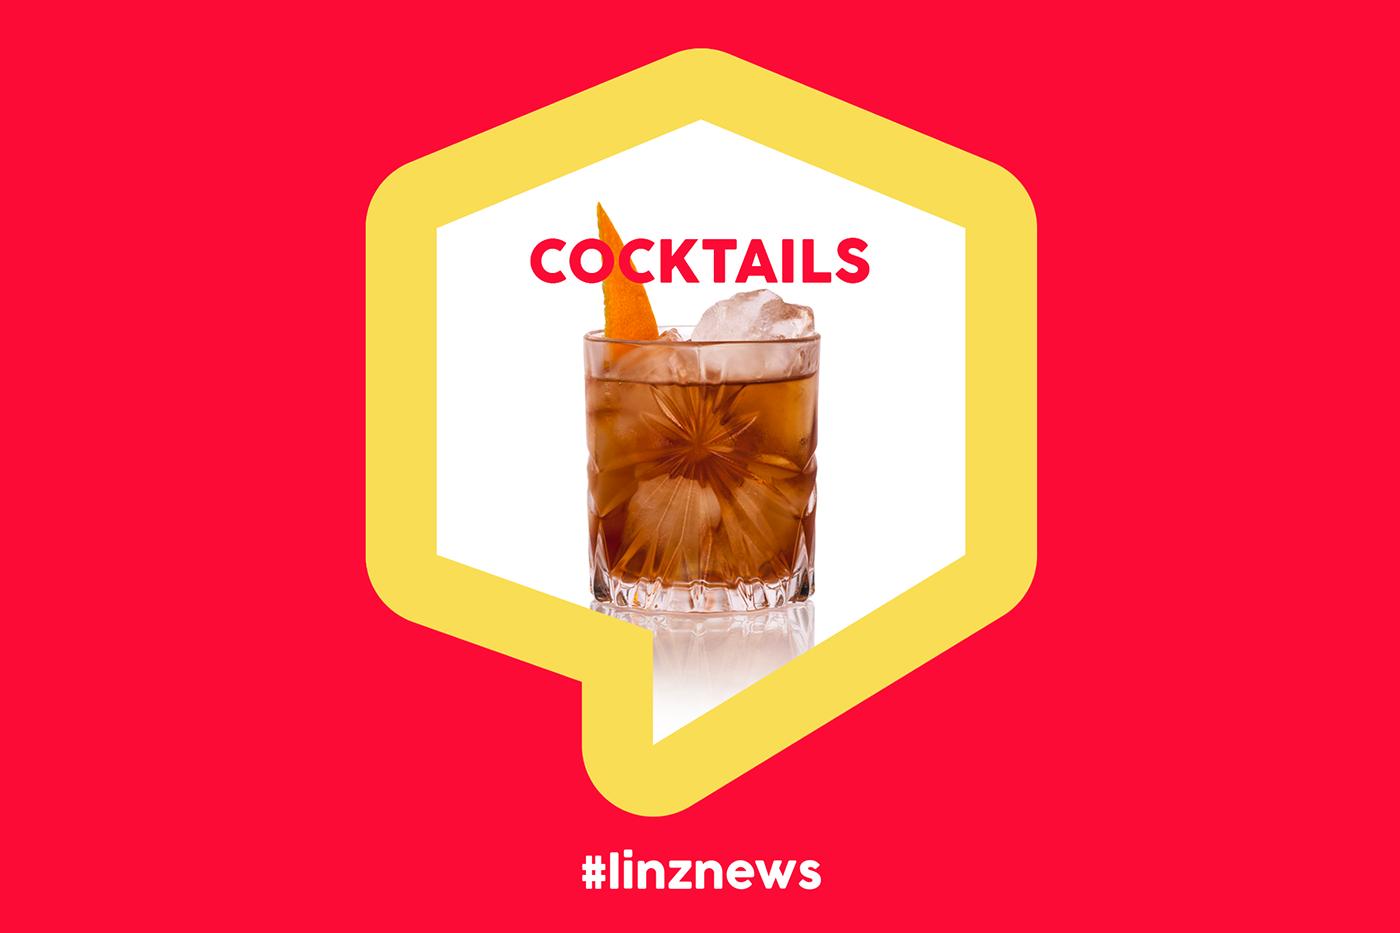 Linz News Cockails